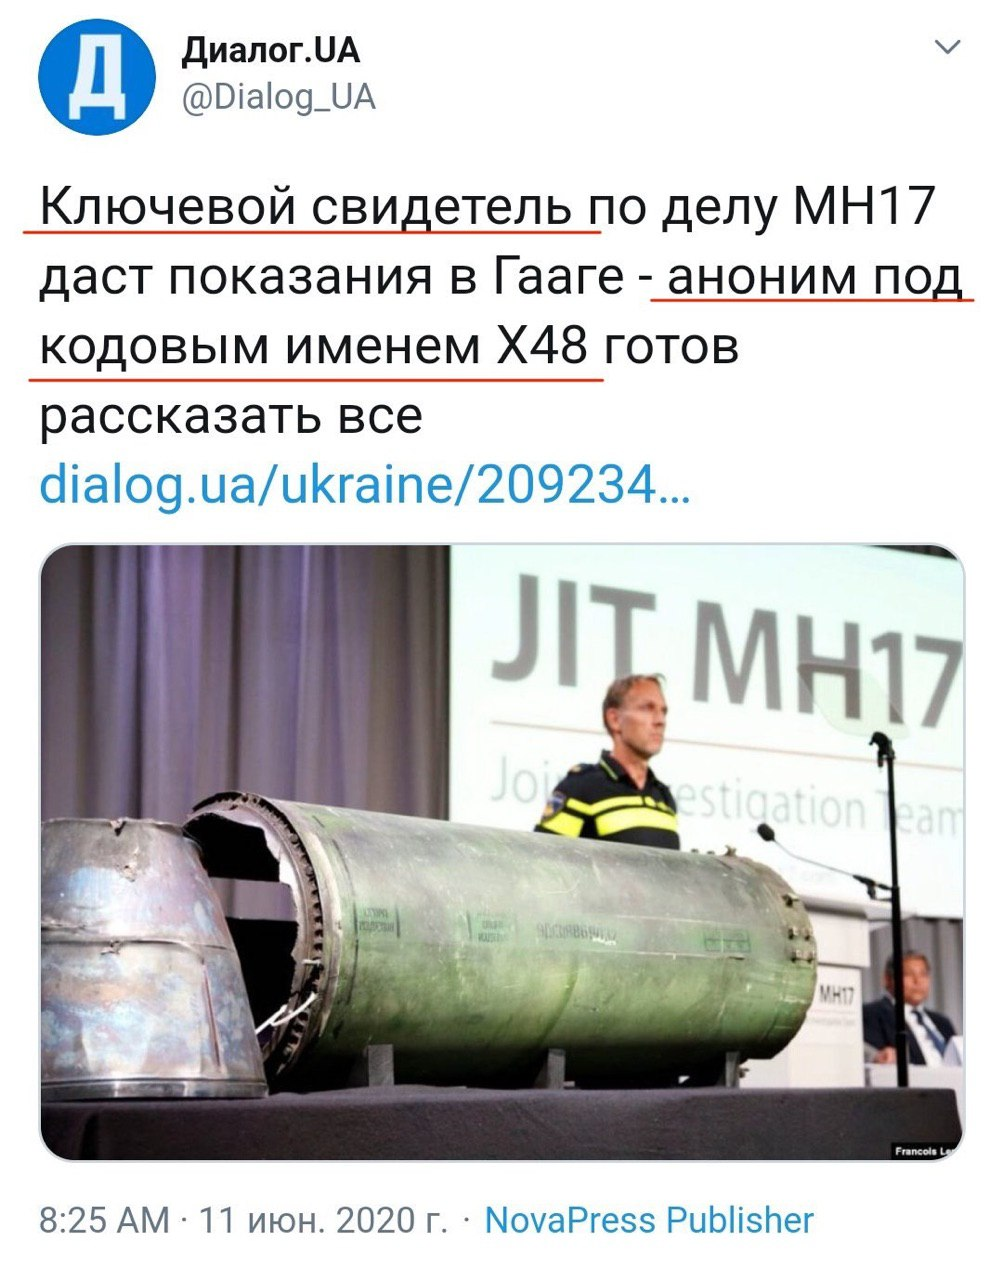 https://i3.imageban.ru/out/2020/06/11/57e8e2b17c20fd63b6bf6cc7a1cacafc.jpg